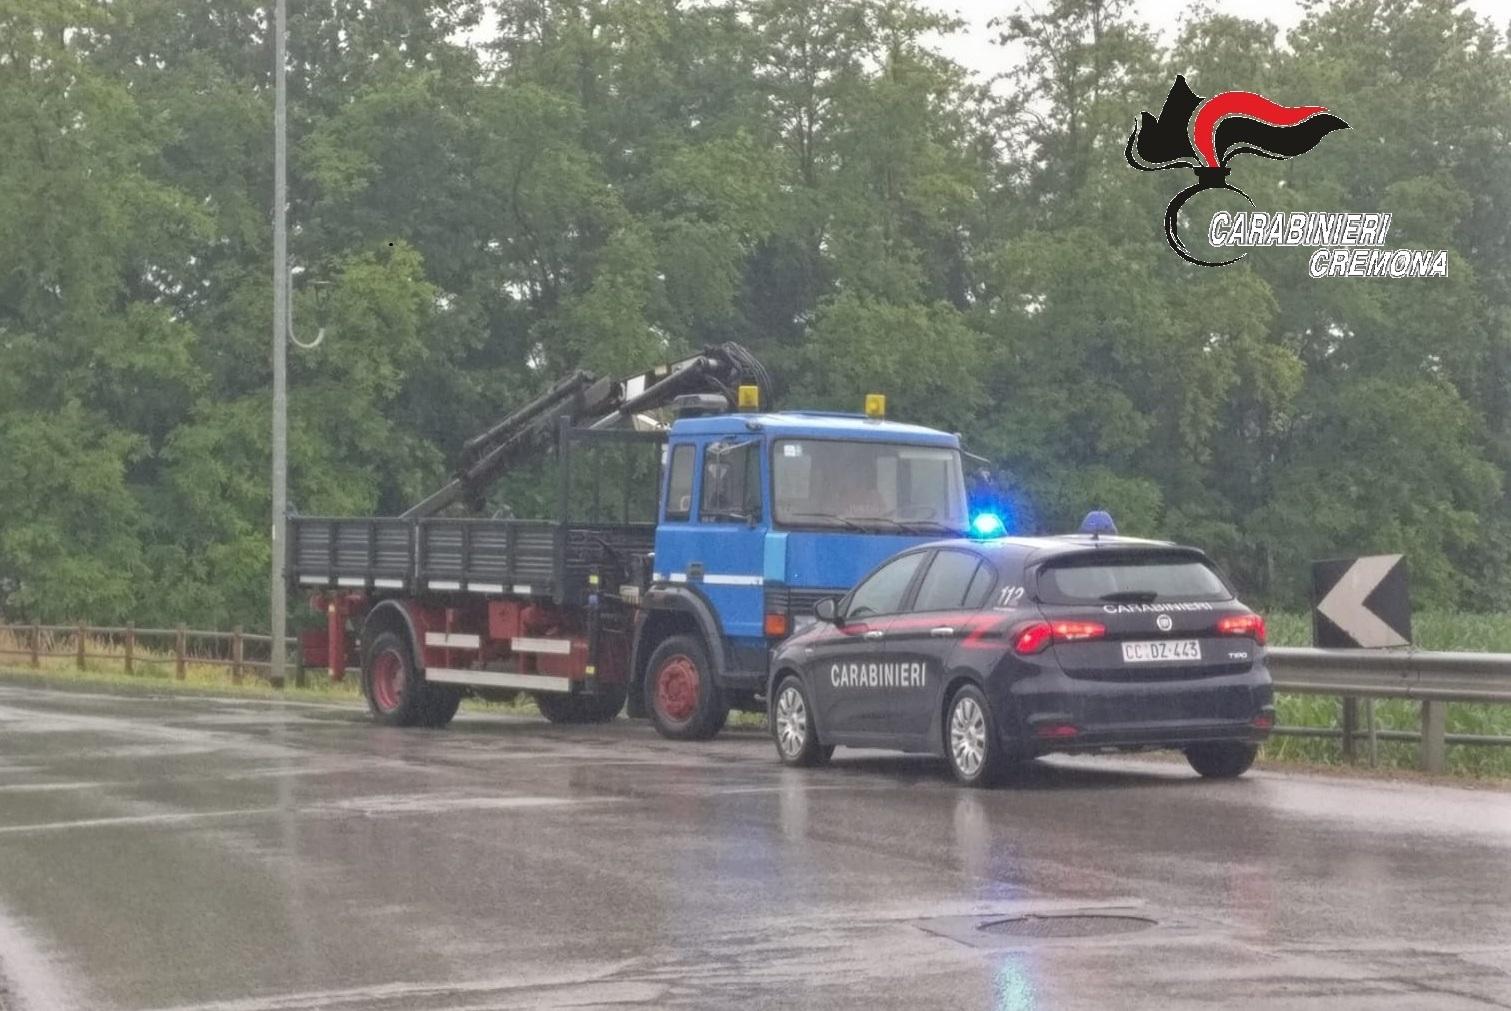 Alla guida di furgone rubato, e tallonato dai Carabinieri, si lancia dal mezzo in corsa